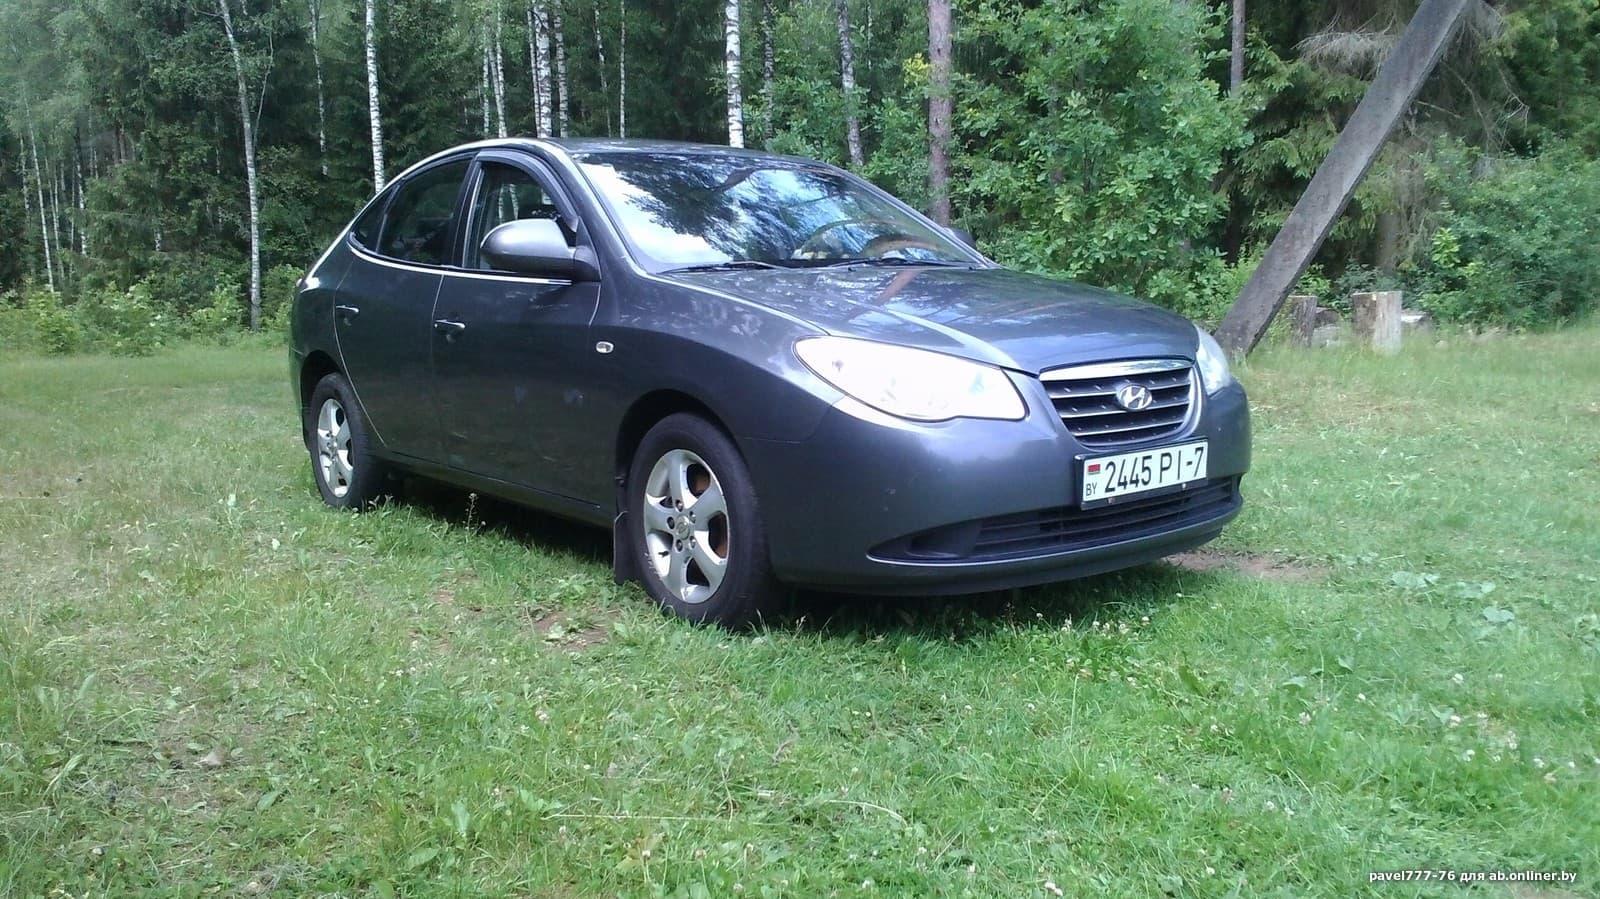 Hyundai Elantra LX